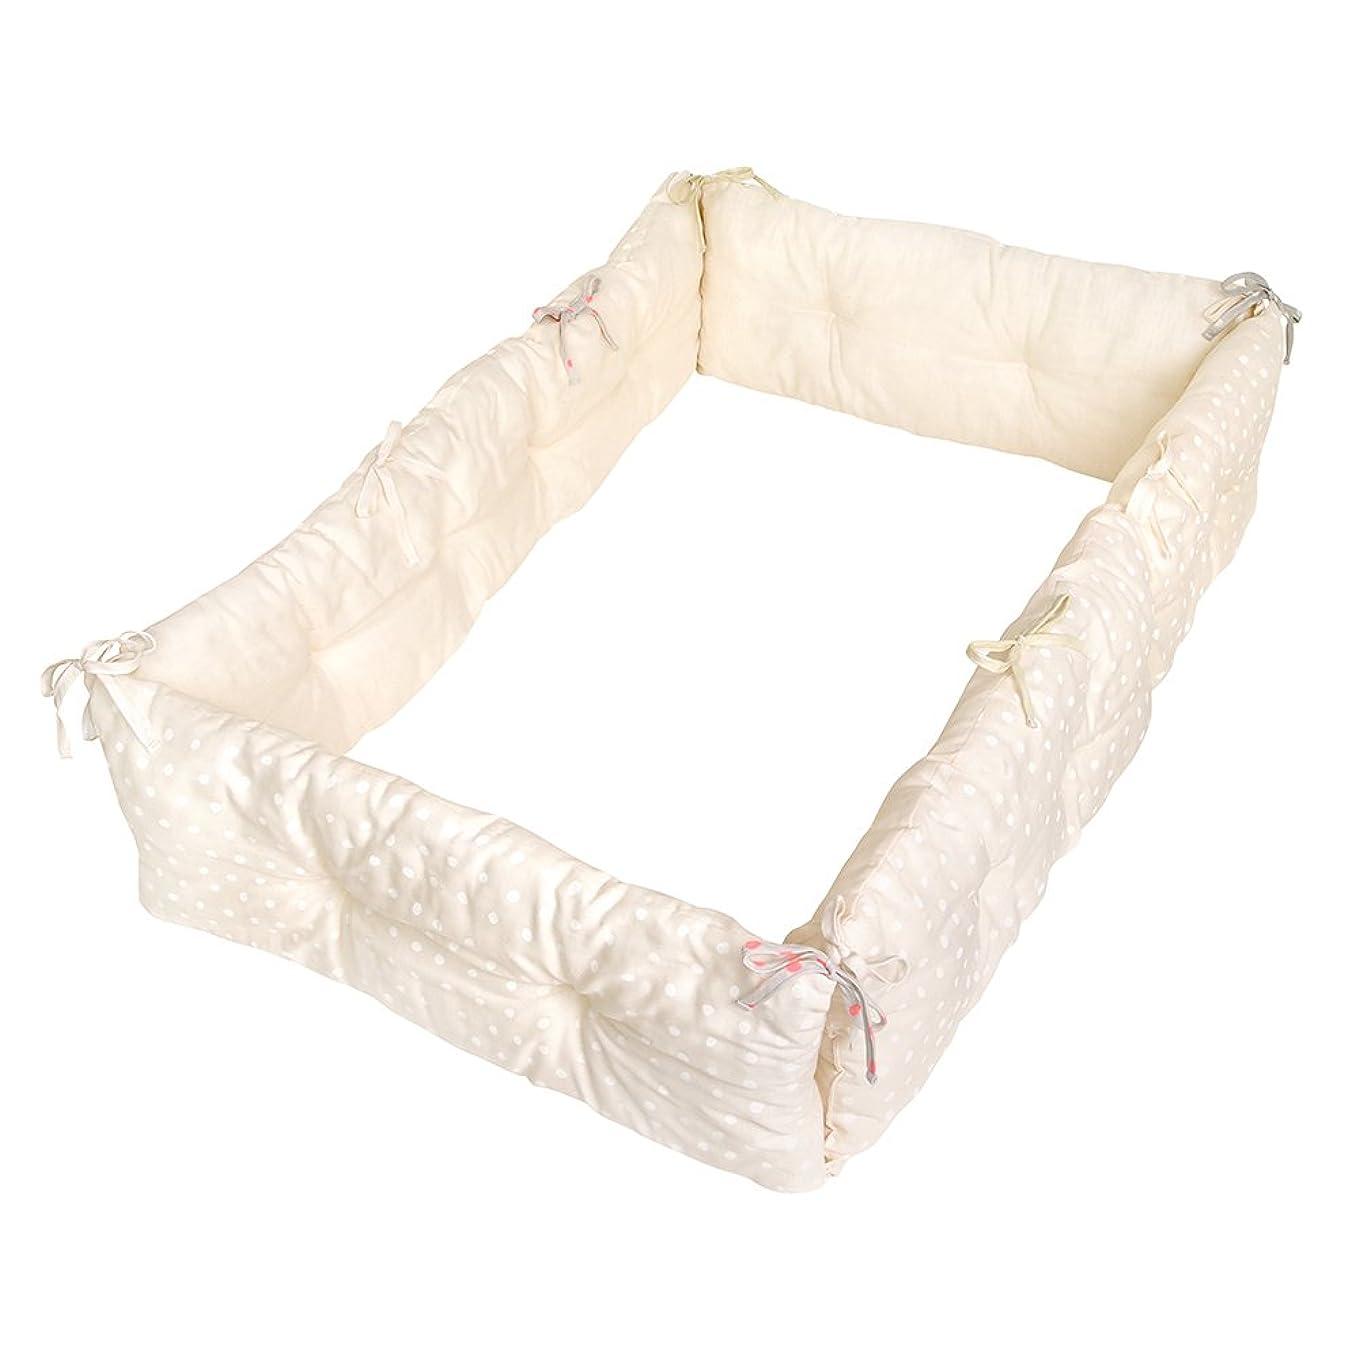 大惨事採用反対したBABYBBZ ベッドフェンス ベットガード 無添加素材 布団ずれ 蹴り出し お子様のベッドからの 転落防止 取り付け簡単 幅150cm ベージュ 1枚セット 子供用 出産お祝い